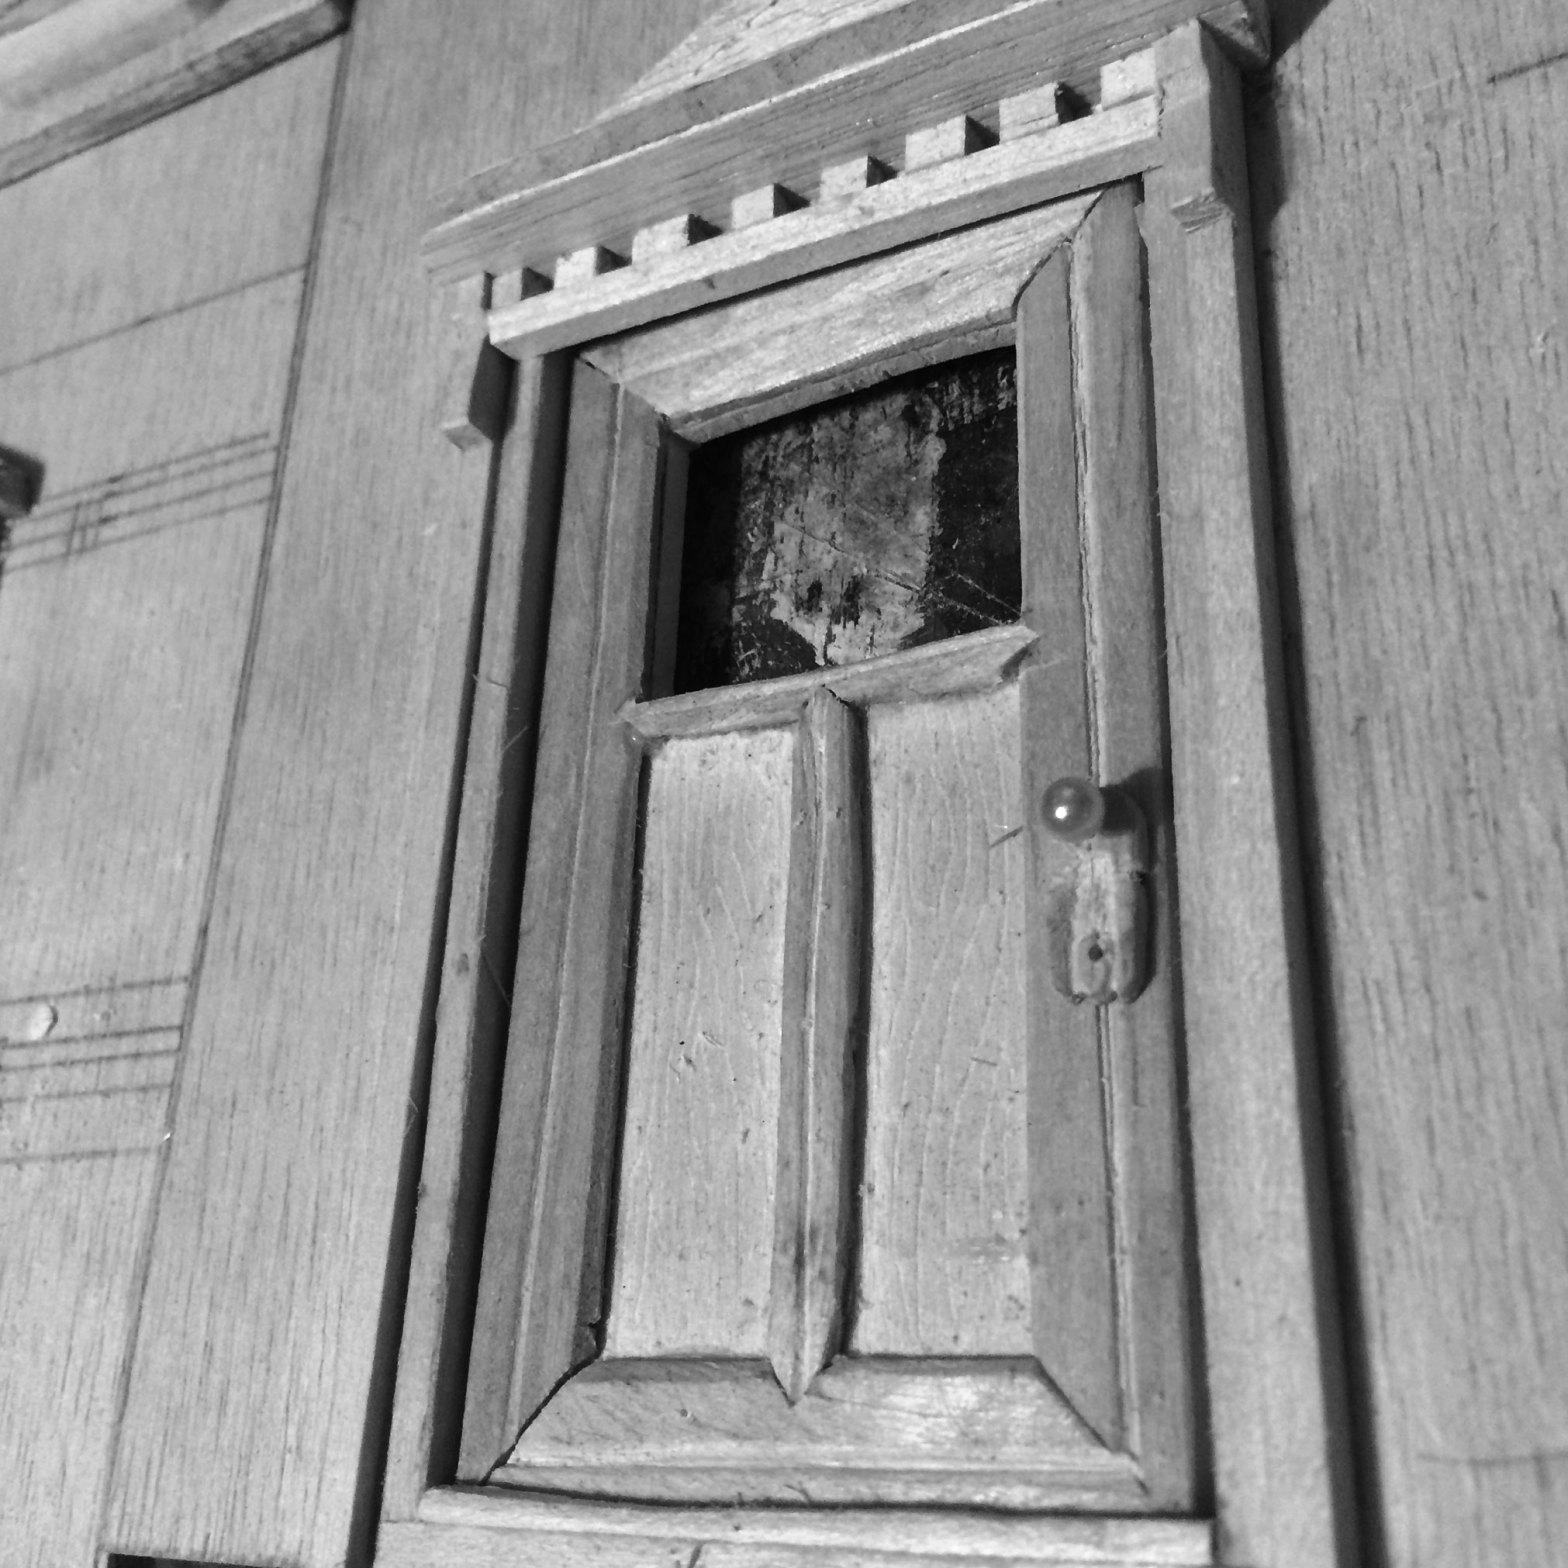 closeup of front door details